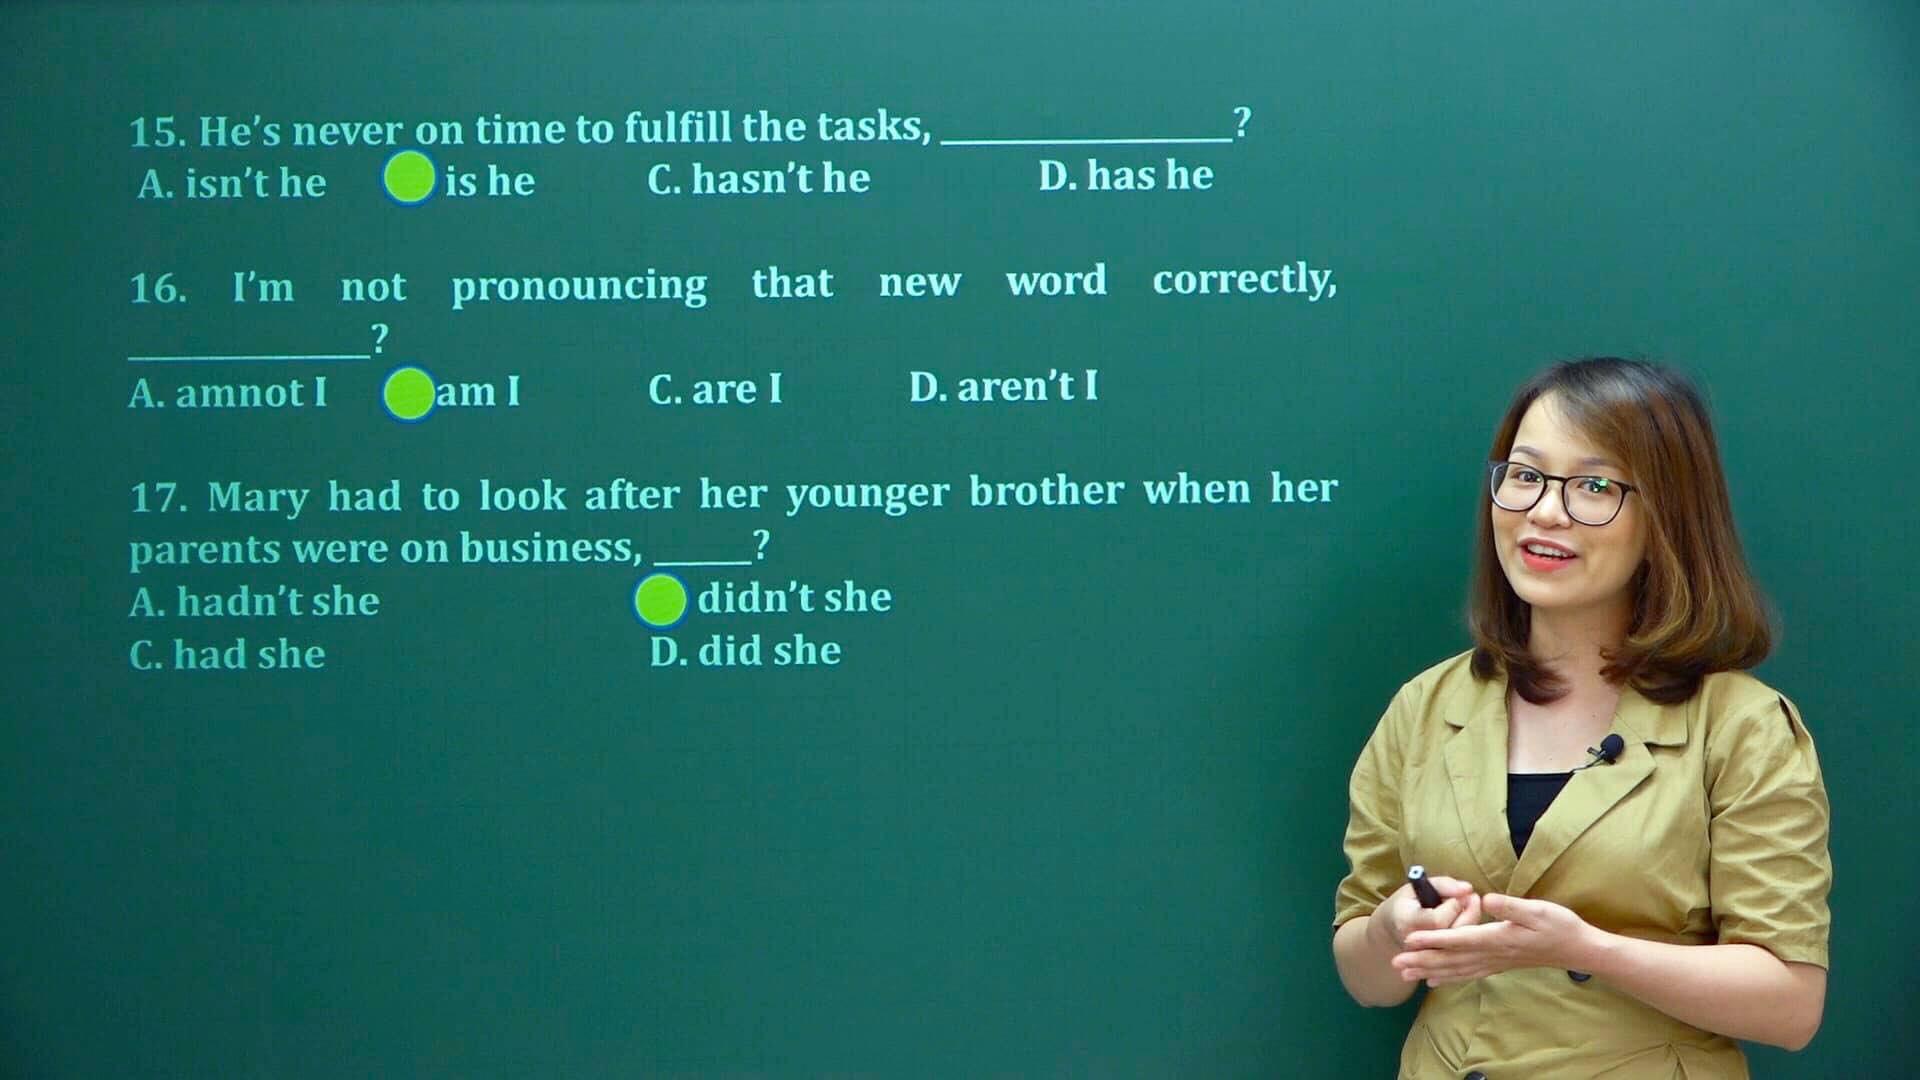 Cô giáo trẻ dạy tiếng Anh với đam mê ứng dụng công nghệ vào giảng dạy - Ảnh 1.